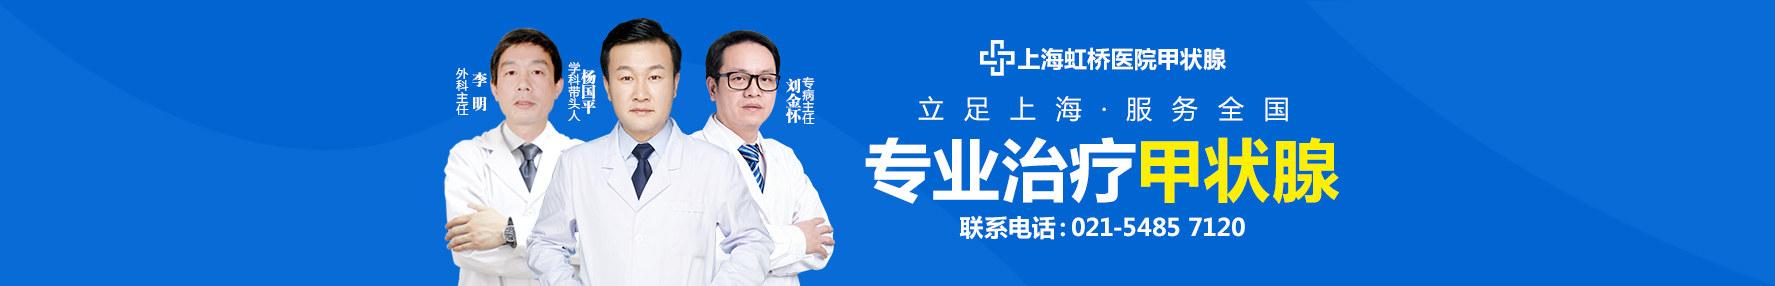 上海专业治疗甲状腺的医院